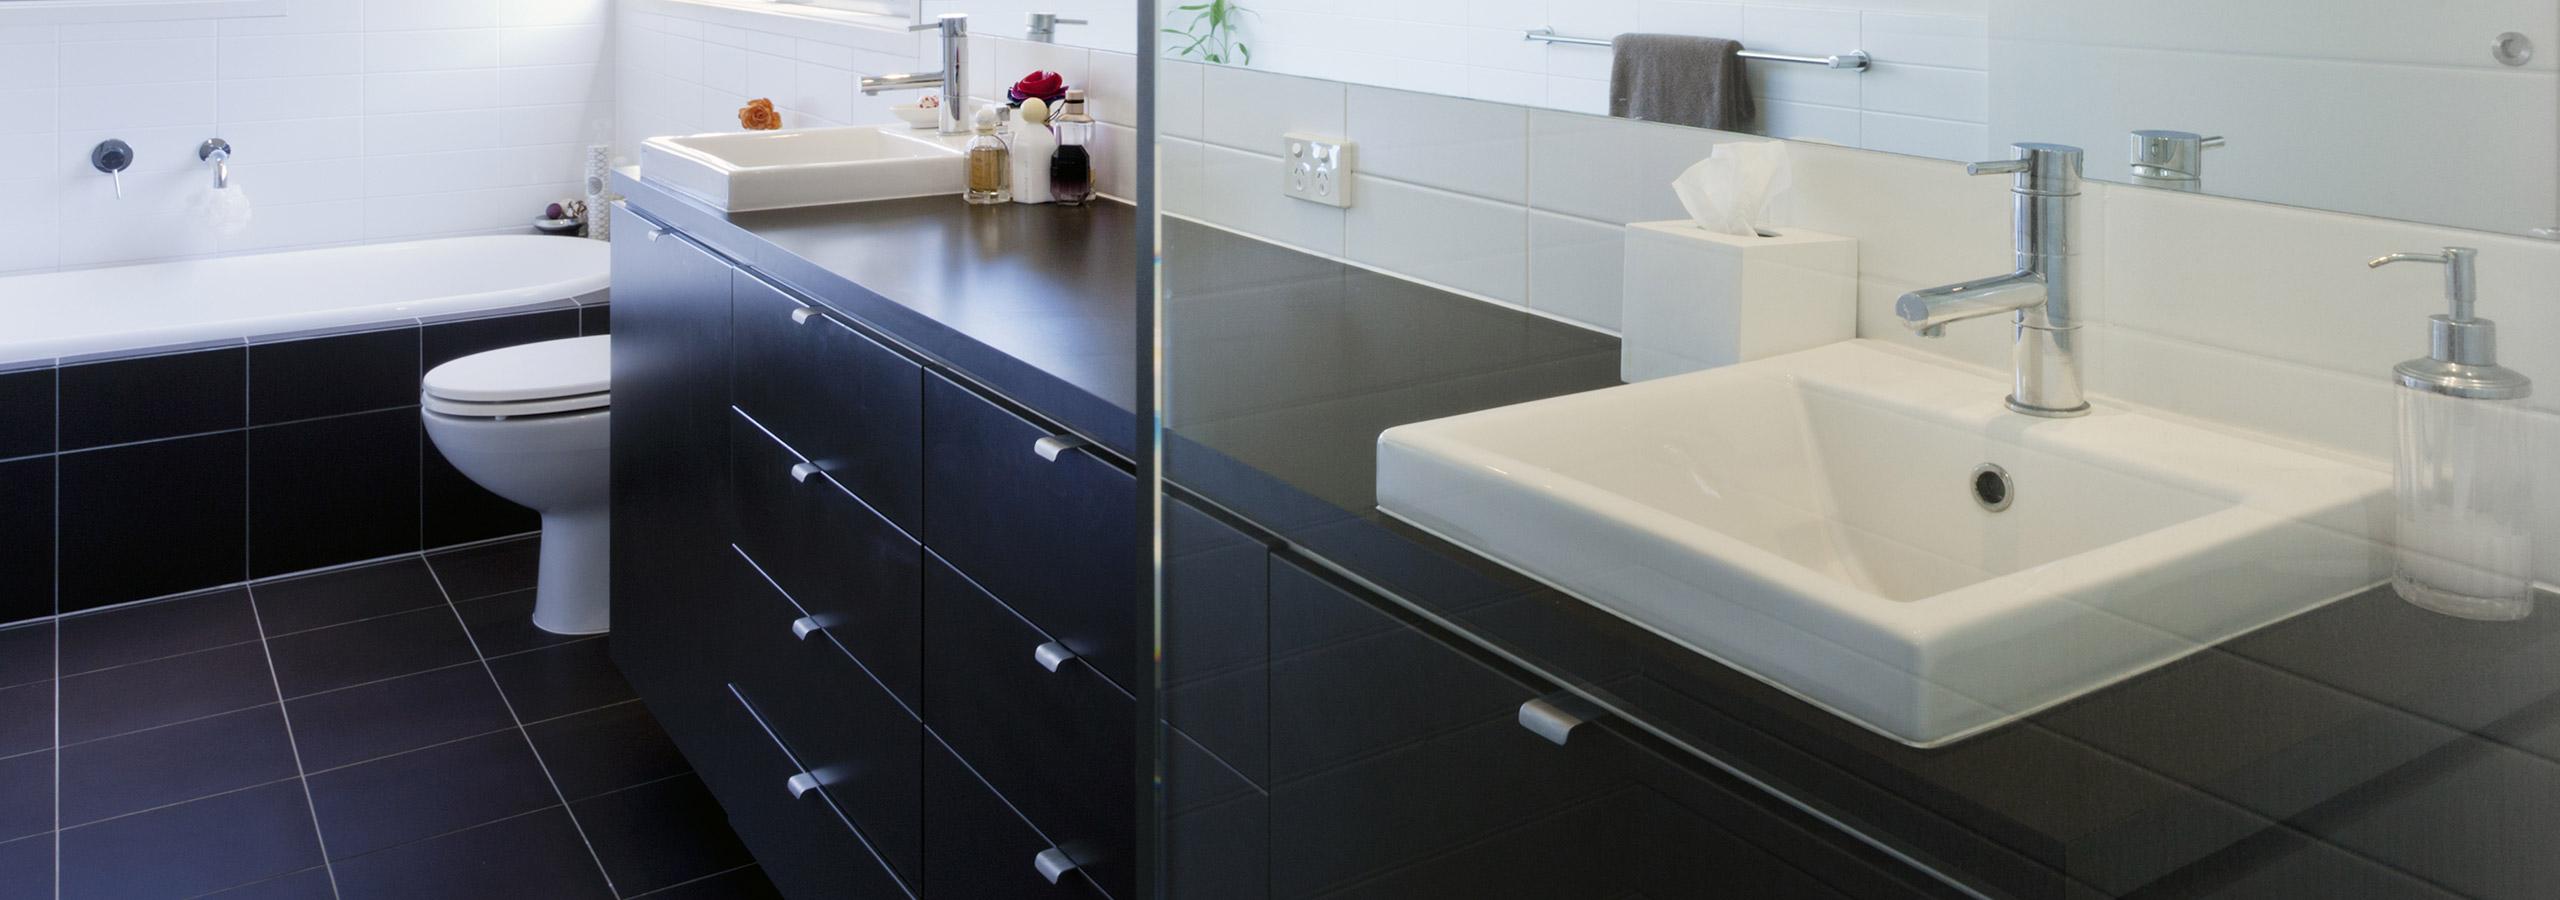 badkamermeubels en spiegelkasten plaatsen rondom tilburg